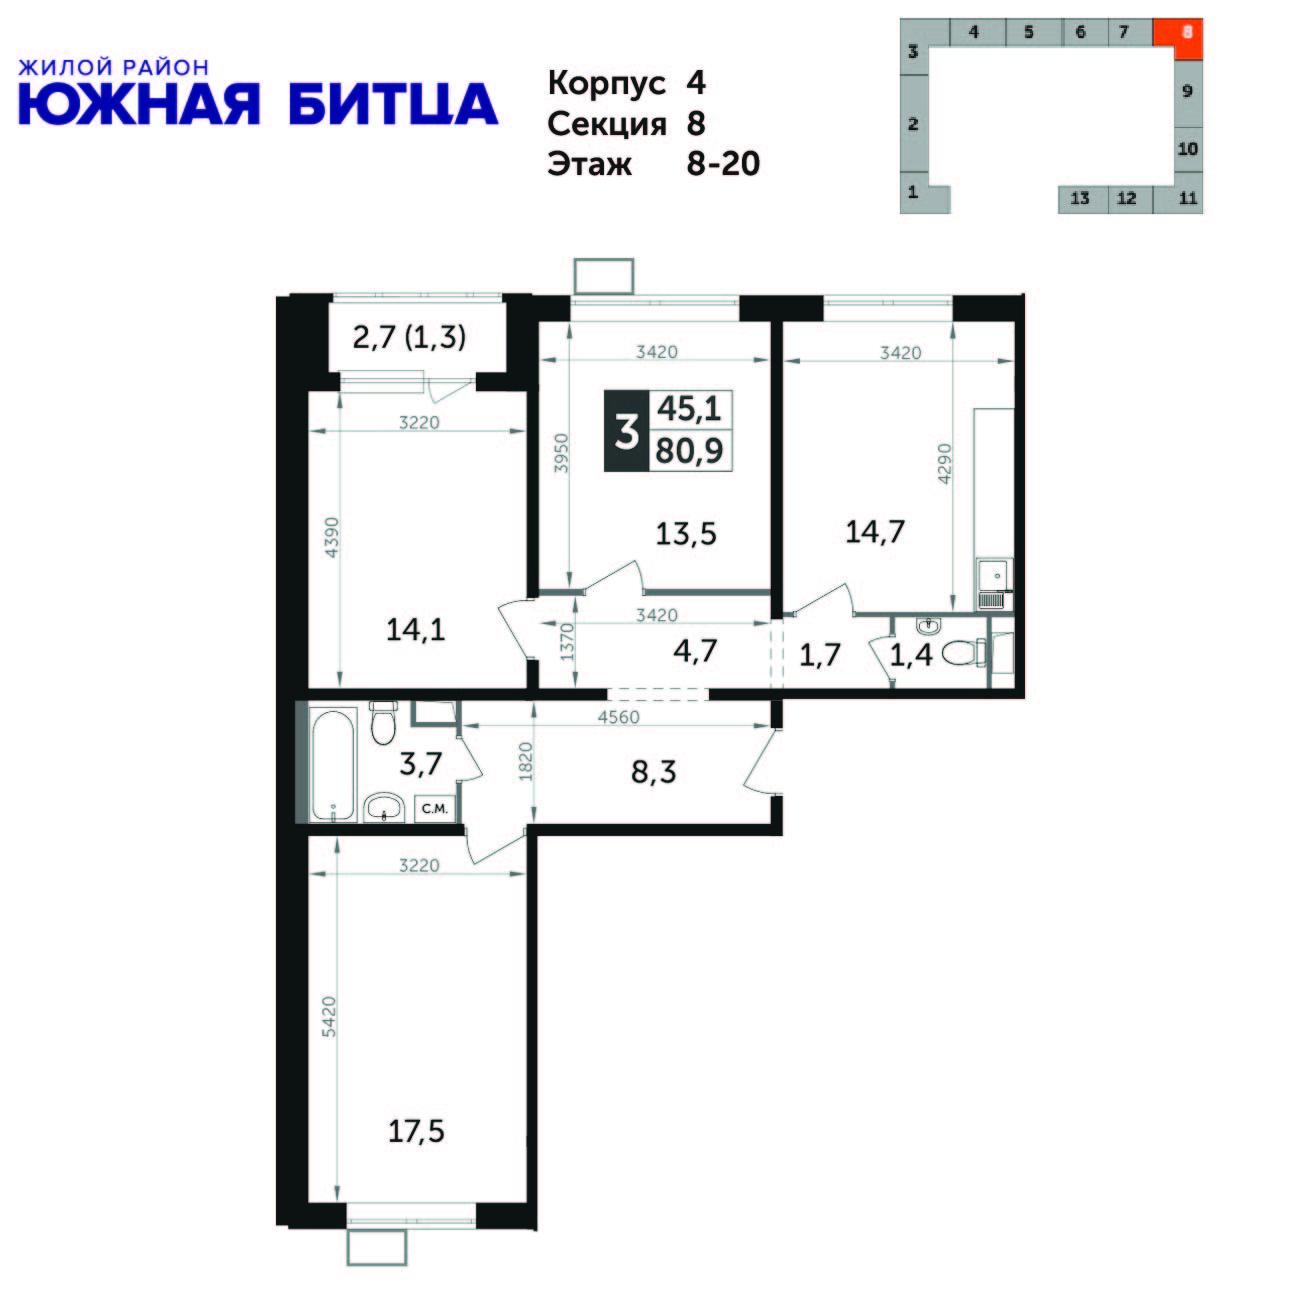 3-комнатная квартира, 82.5м² за 11,2 млн руб.